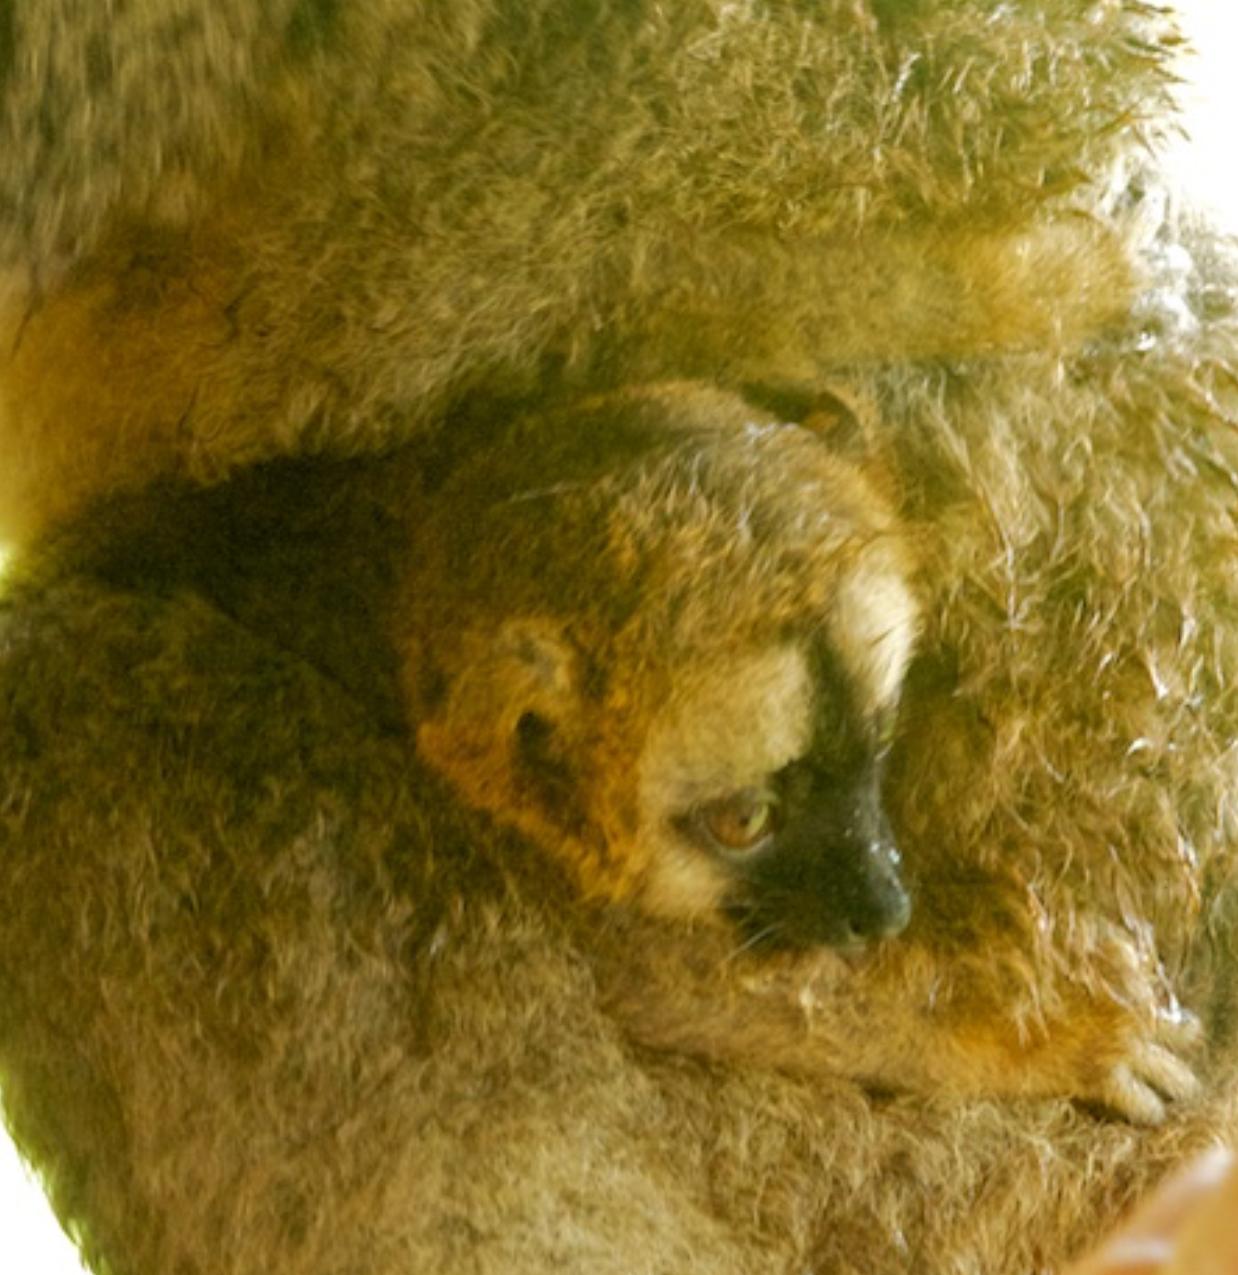 Infant Common Brown Lemur